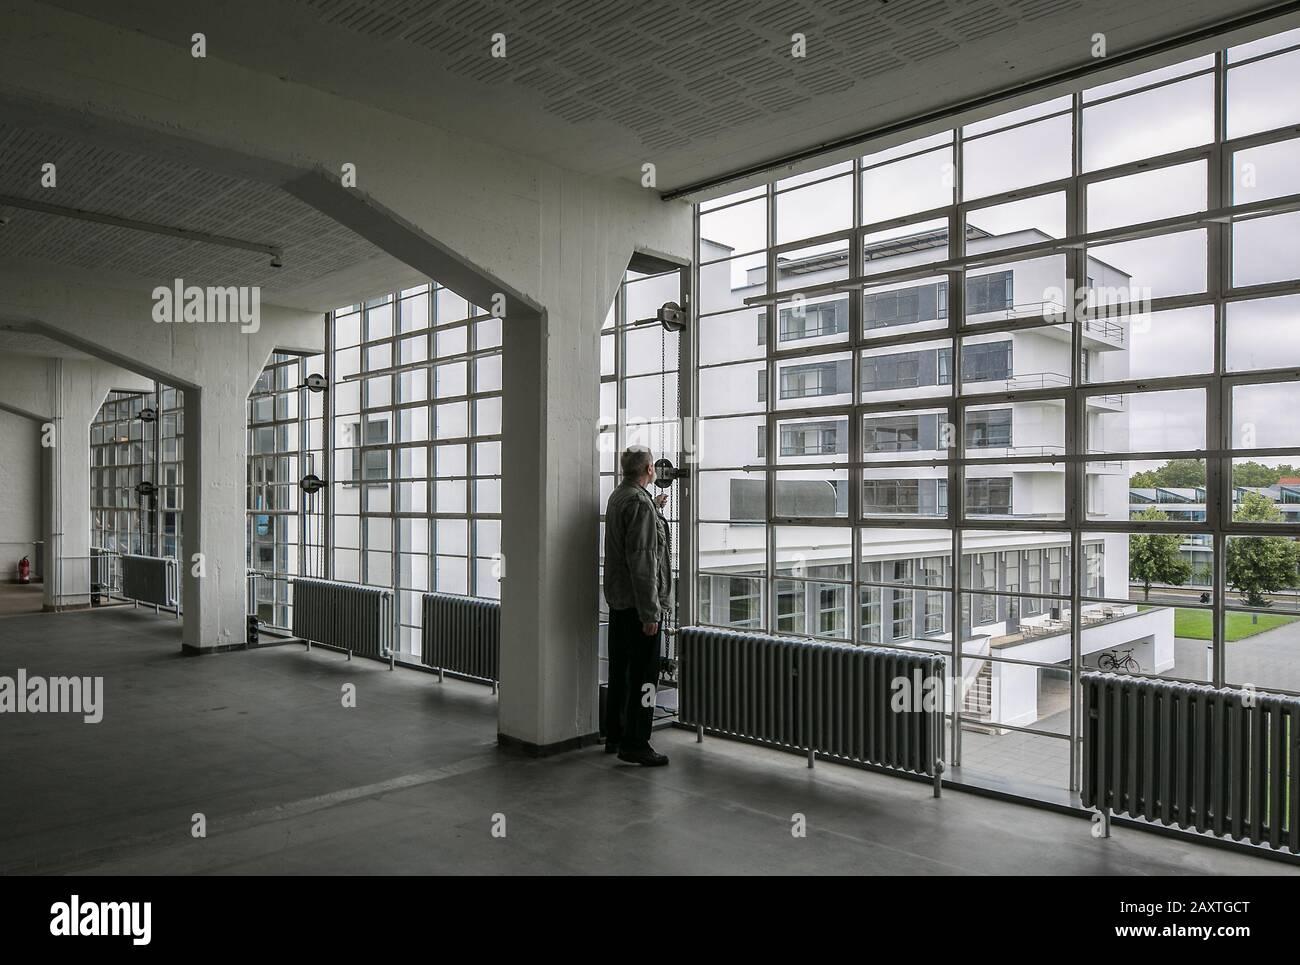 Dessau, Bauhaus, Walter Gropius  1925-26, Blick aus dem Werkstattflügel zum Prellerhaus mit Person Stock Photo